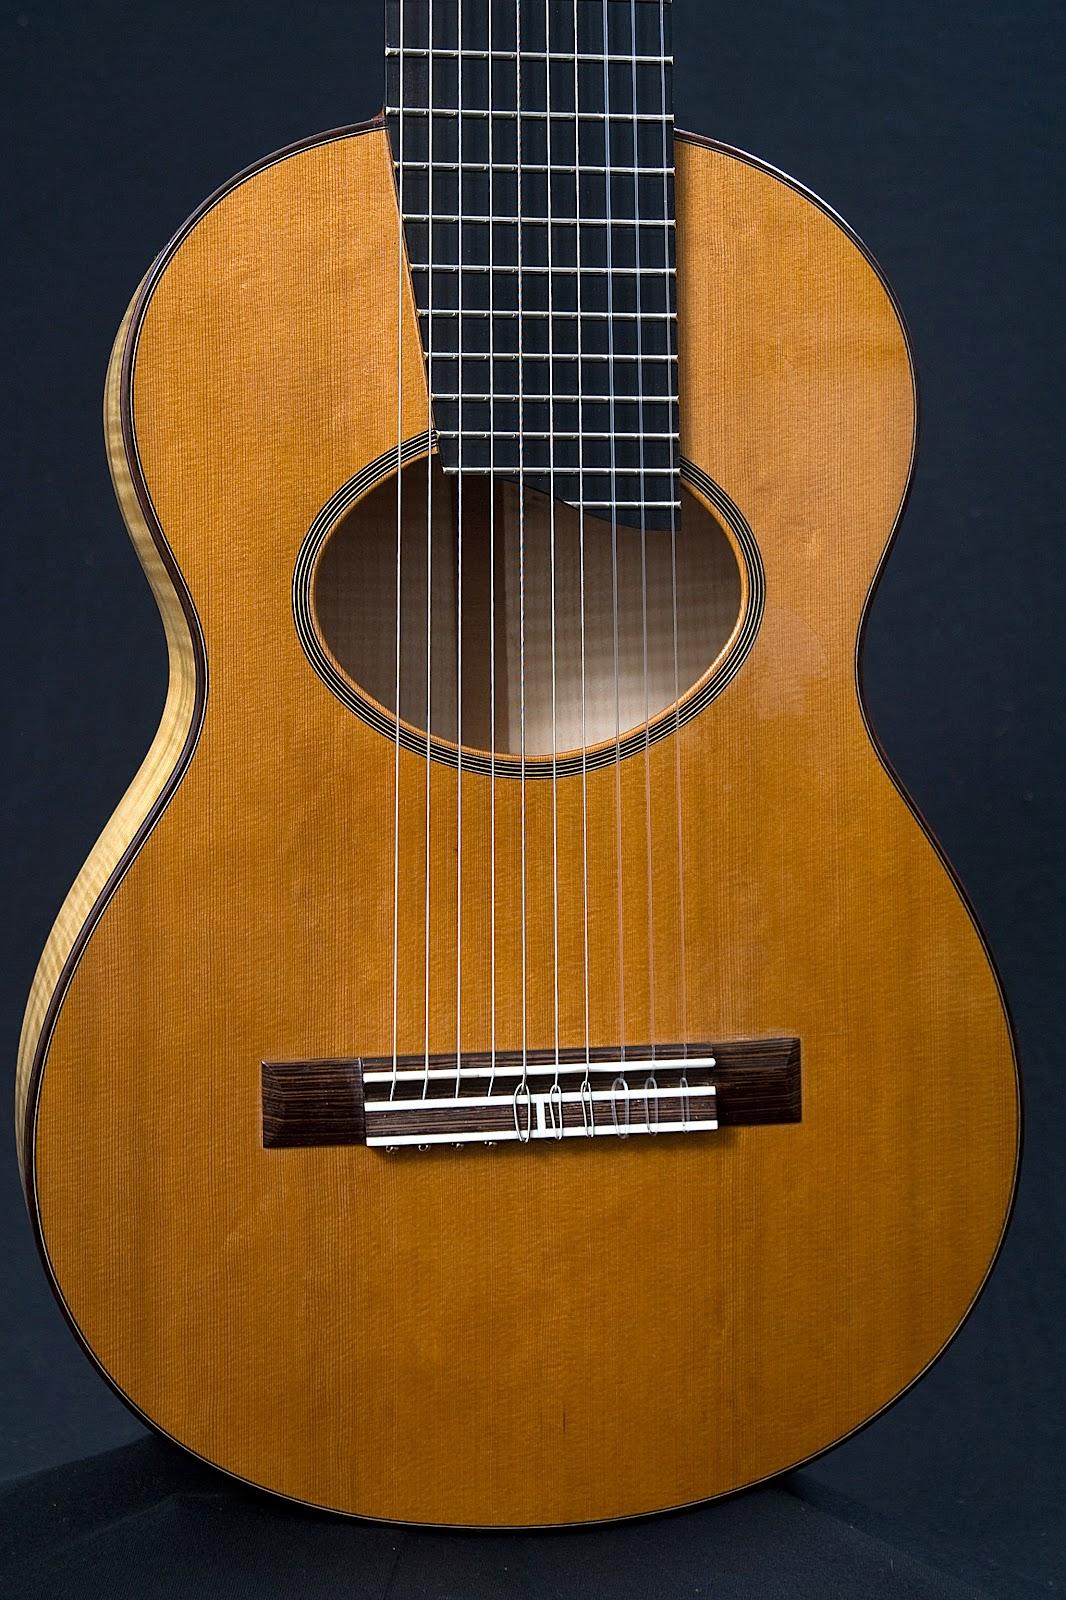 Guitarra+de+10+cuerdas%252C+tapa+de+Western+Red+Cedar%252C+boca+y+roseta+ovaladas%252C+puente+de+Wengu%25C3%25A9.jpg